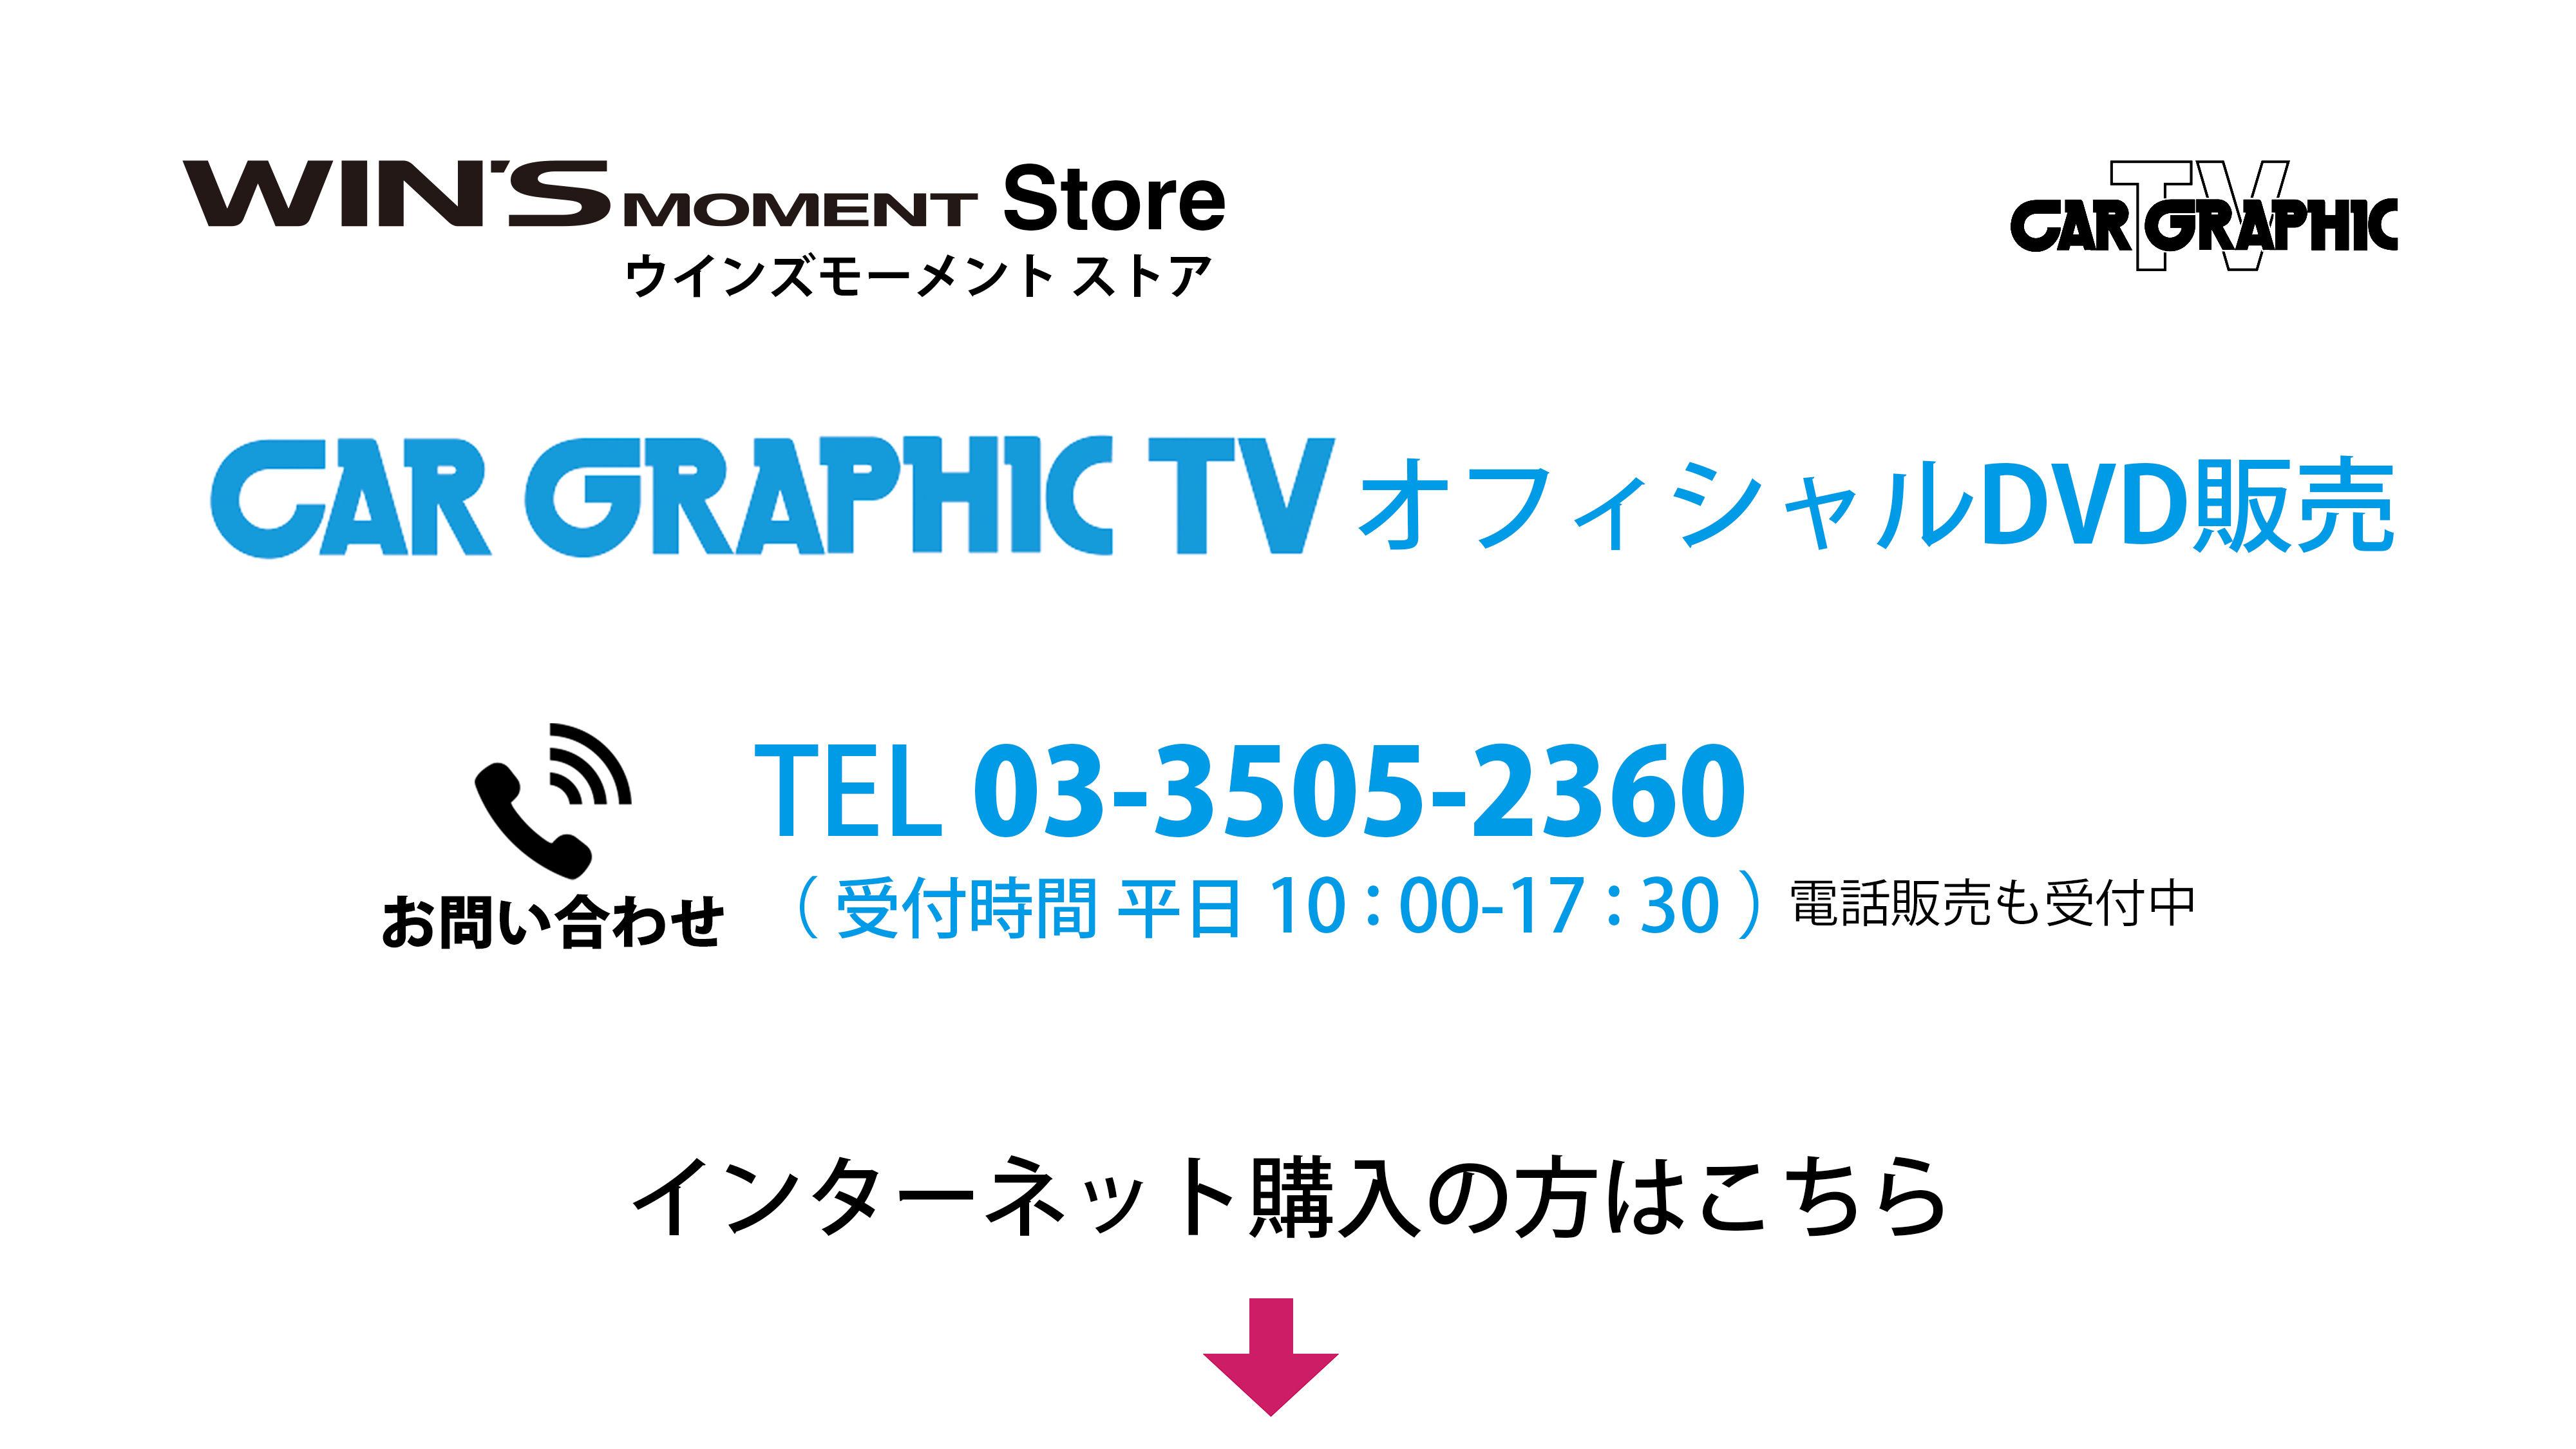 ウインズモーメント ストア(CAR GRAPHIC TV DVD販売)